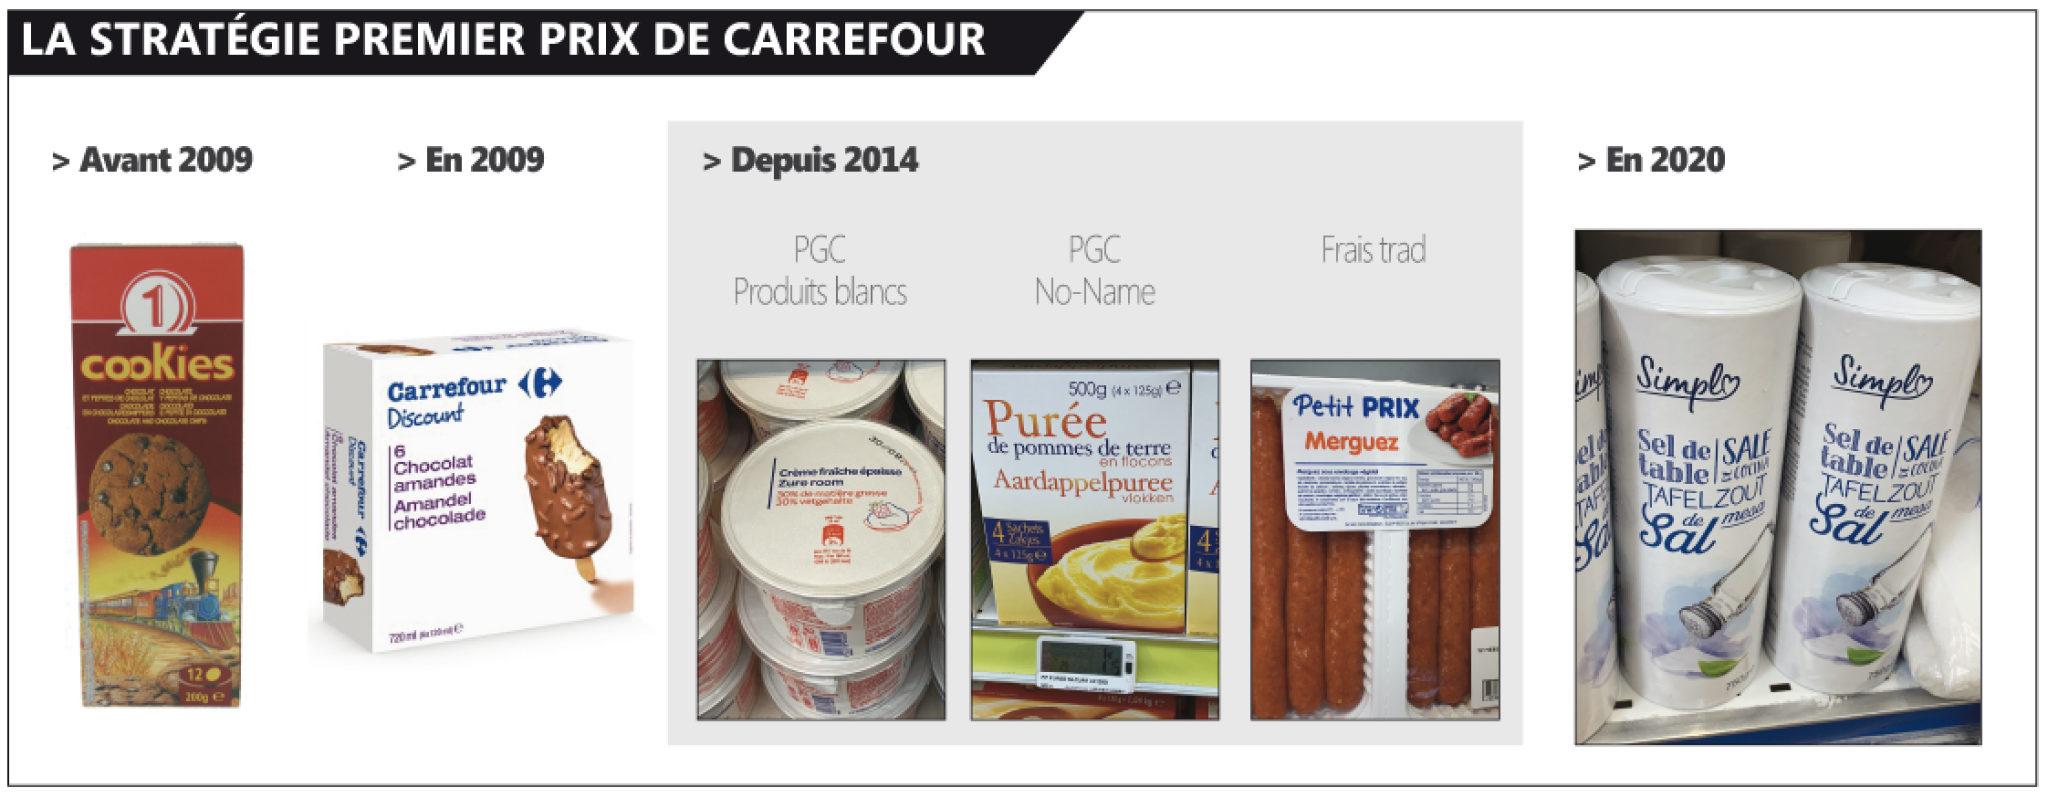 PPX Carrefour depuis avant 2009